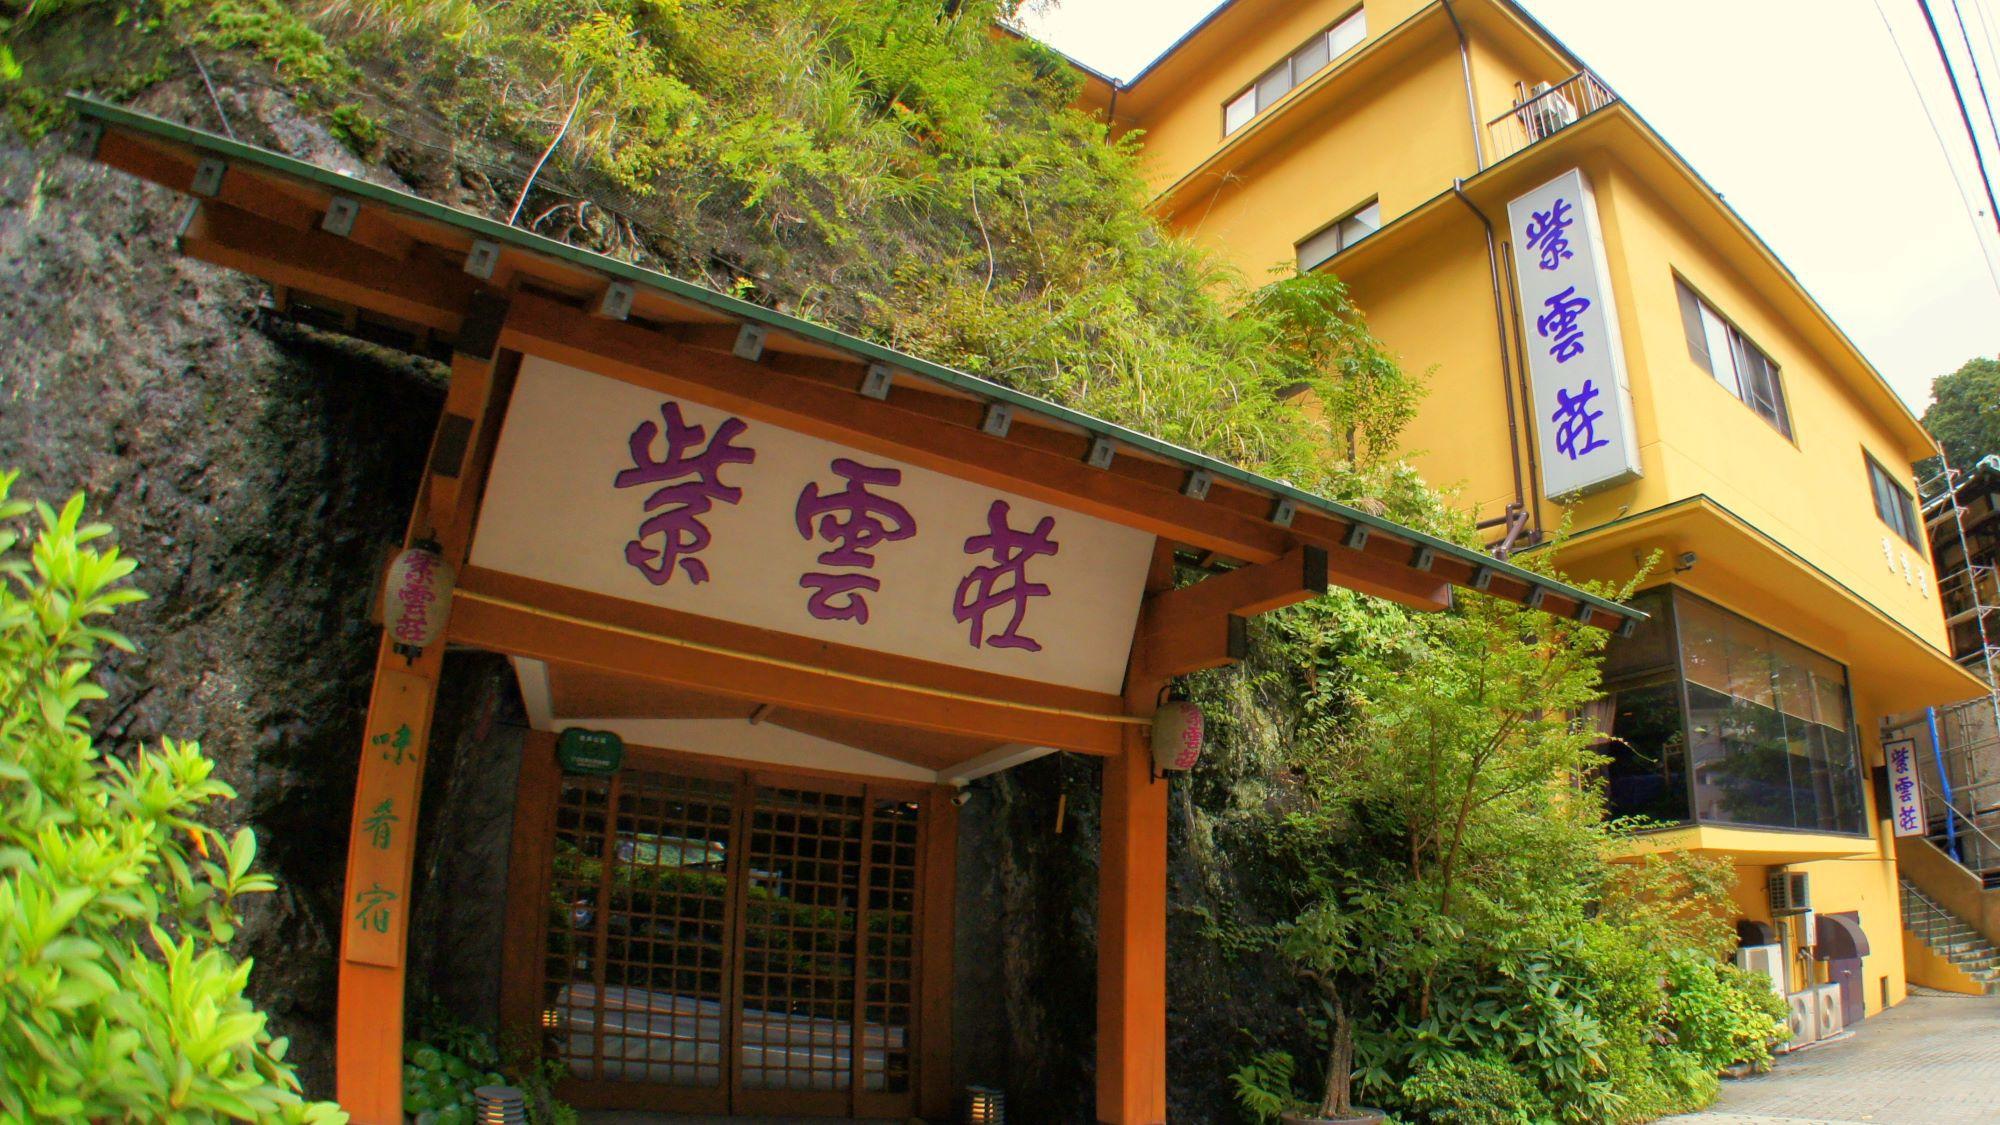 鶴井の宿 紫雲荘◆楽天トラベル